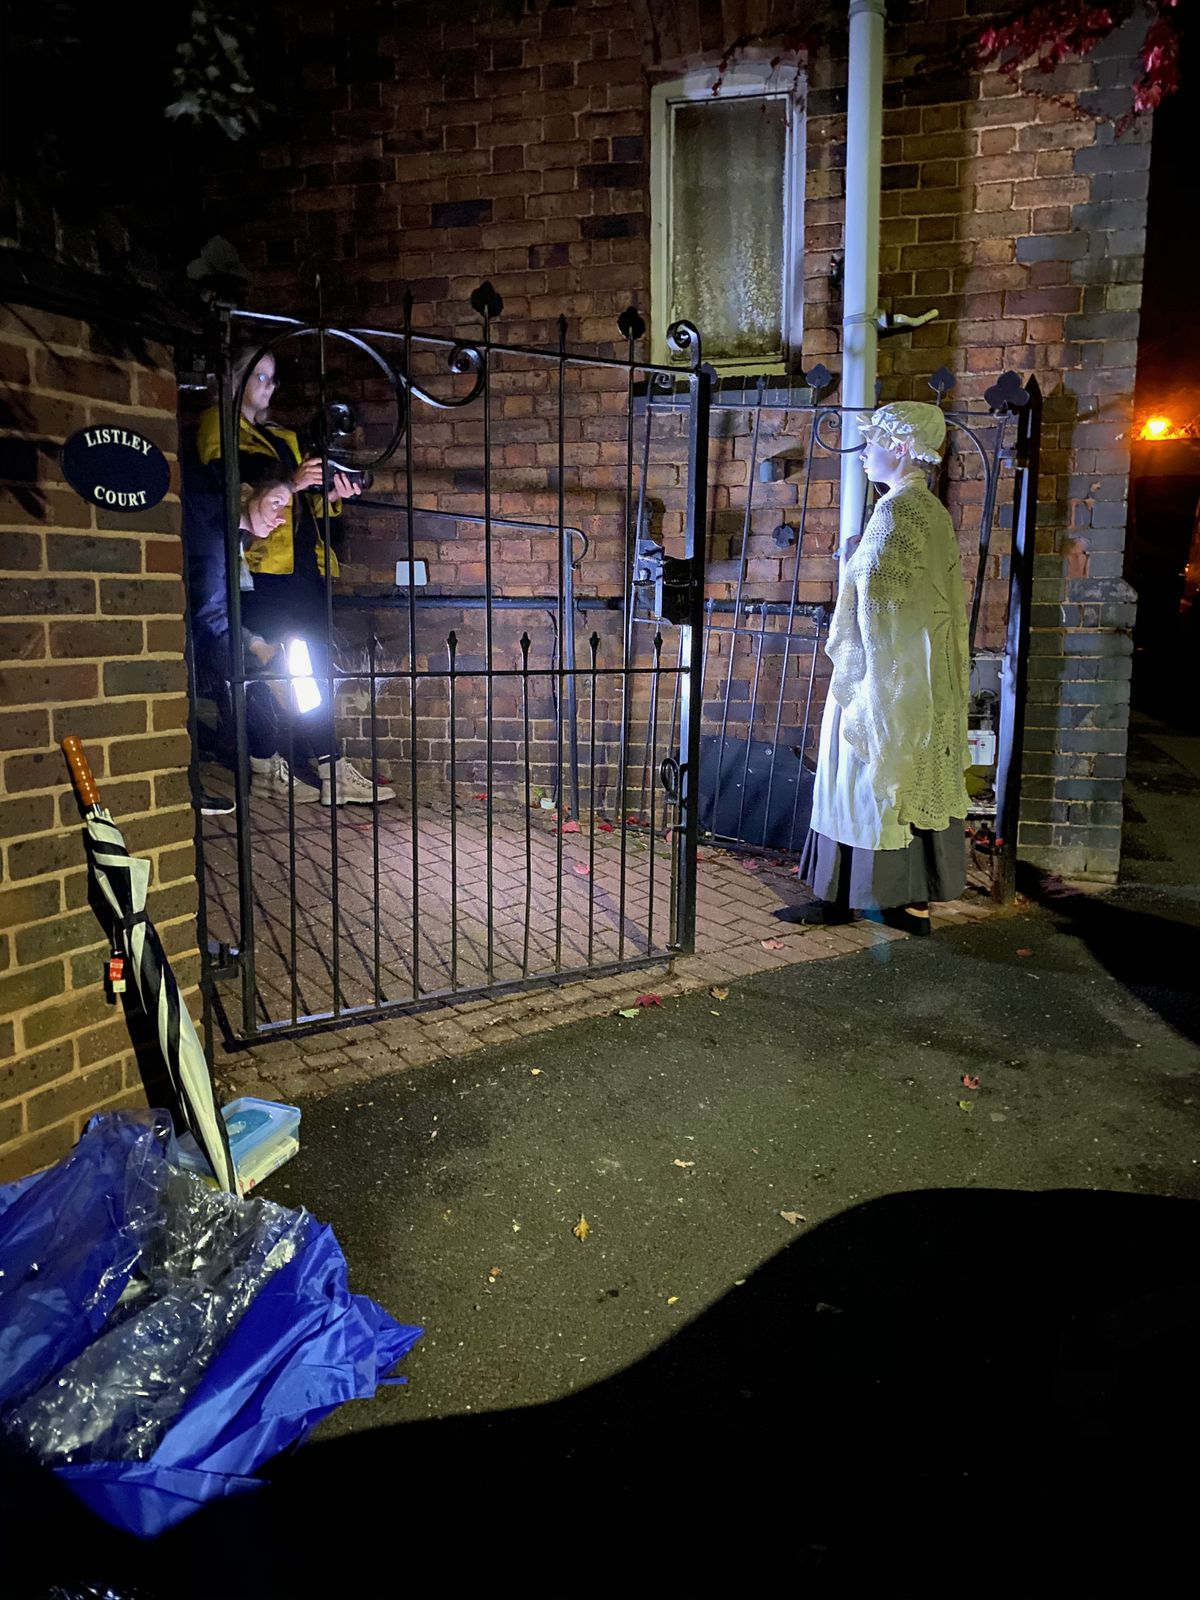 Film je bil posnet več septembrskih noči s prizori na določenih lokacijah, ki na Ghost Walk niso bili mogoči